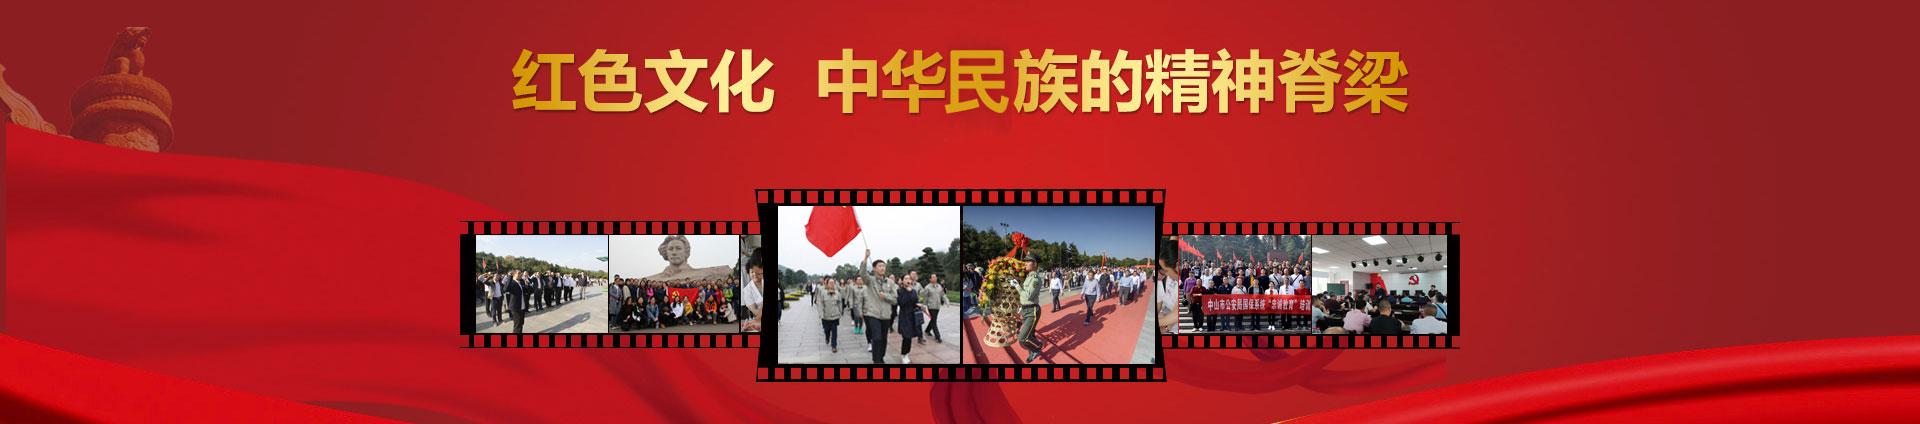 湘潭红色文化学院红色教育培训